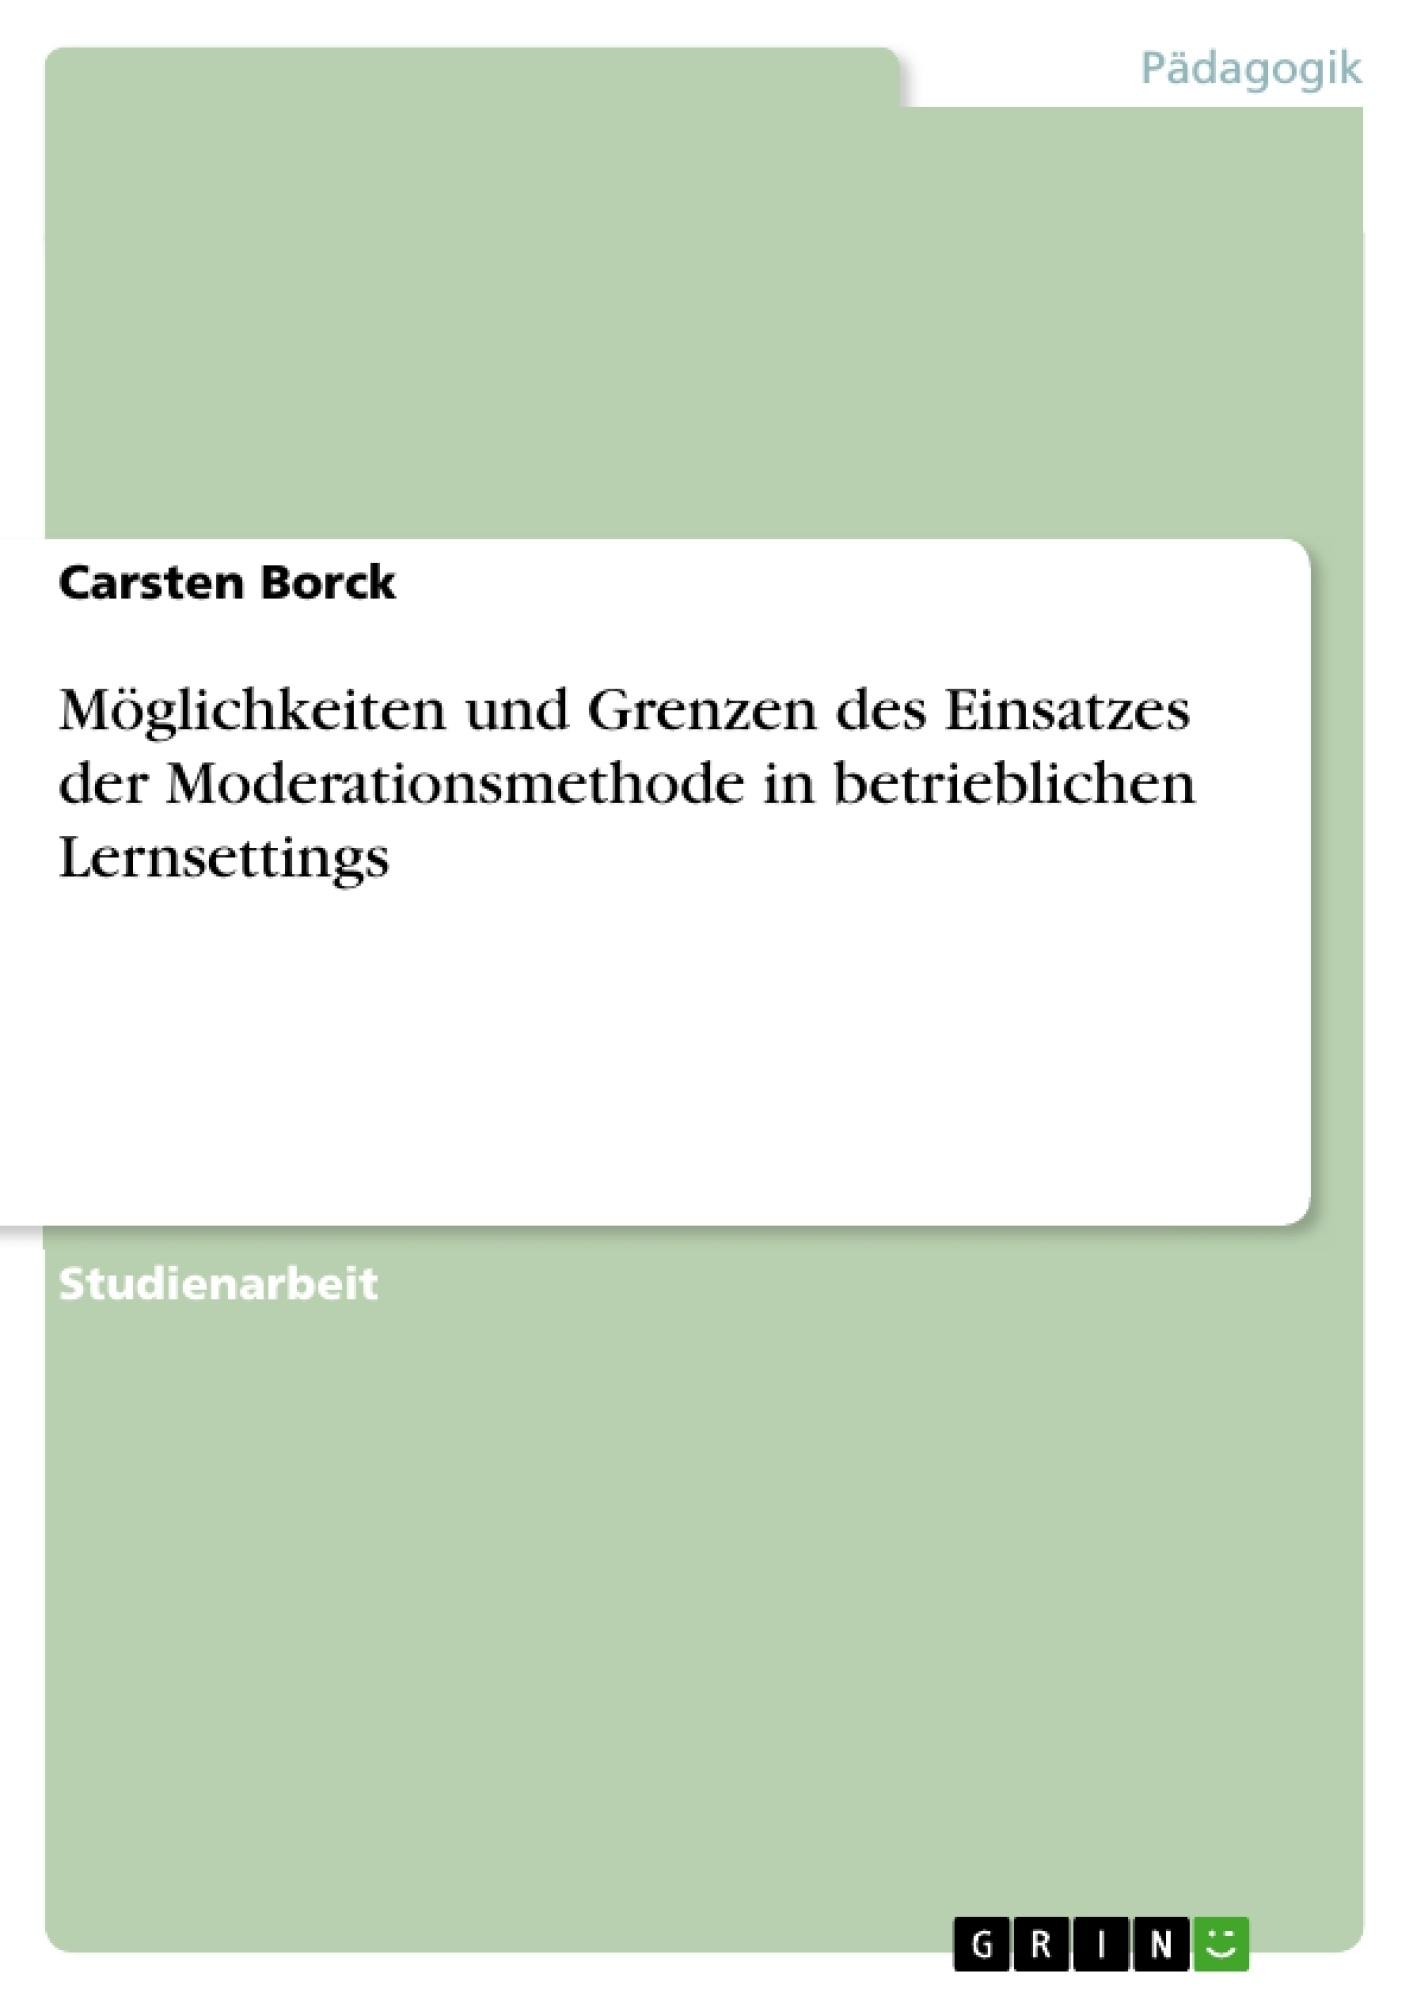 Titel: Möglichkeiten und Grenzen des Einsatzes der Moderationsmethode in betrieblichen Lernsettings